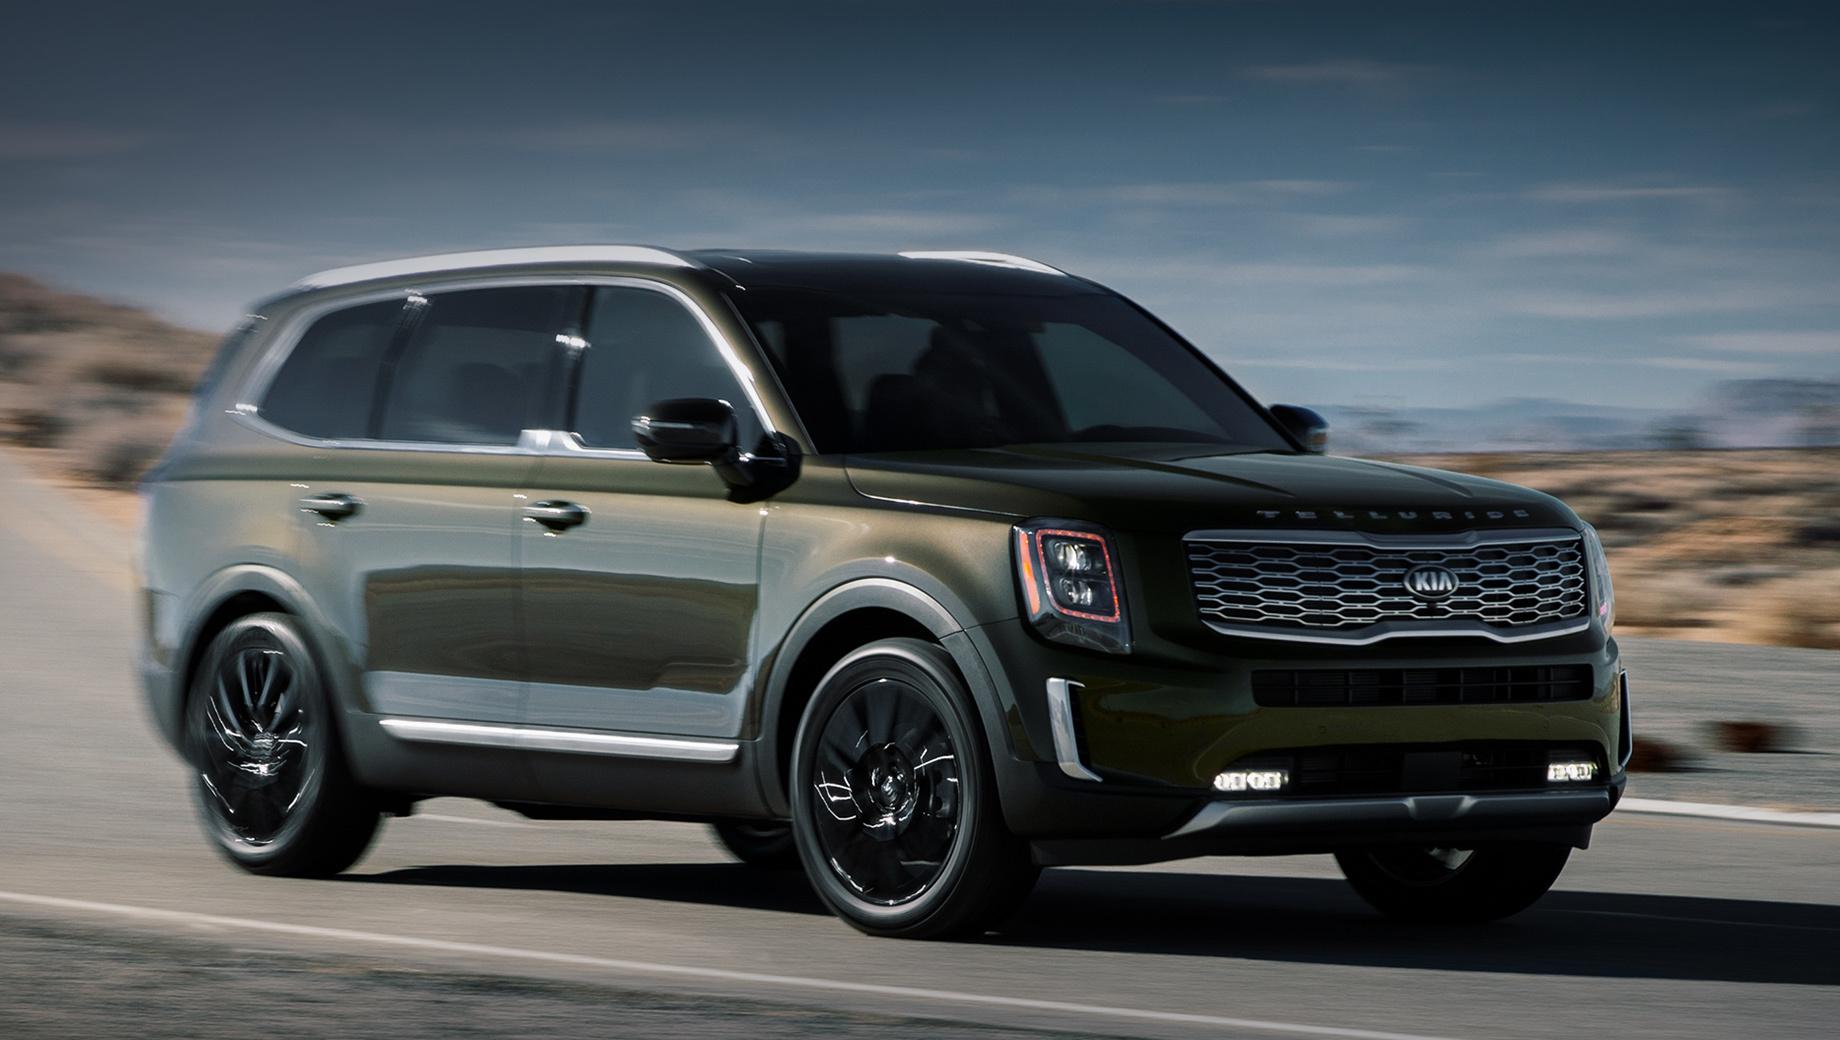 Лучшие автомобили корейского производства, которые догоняют немецких производителей  5